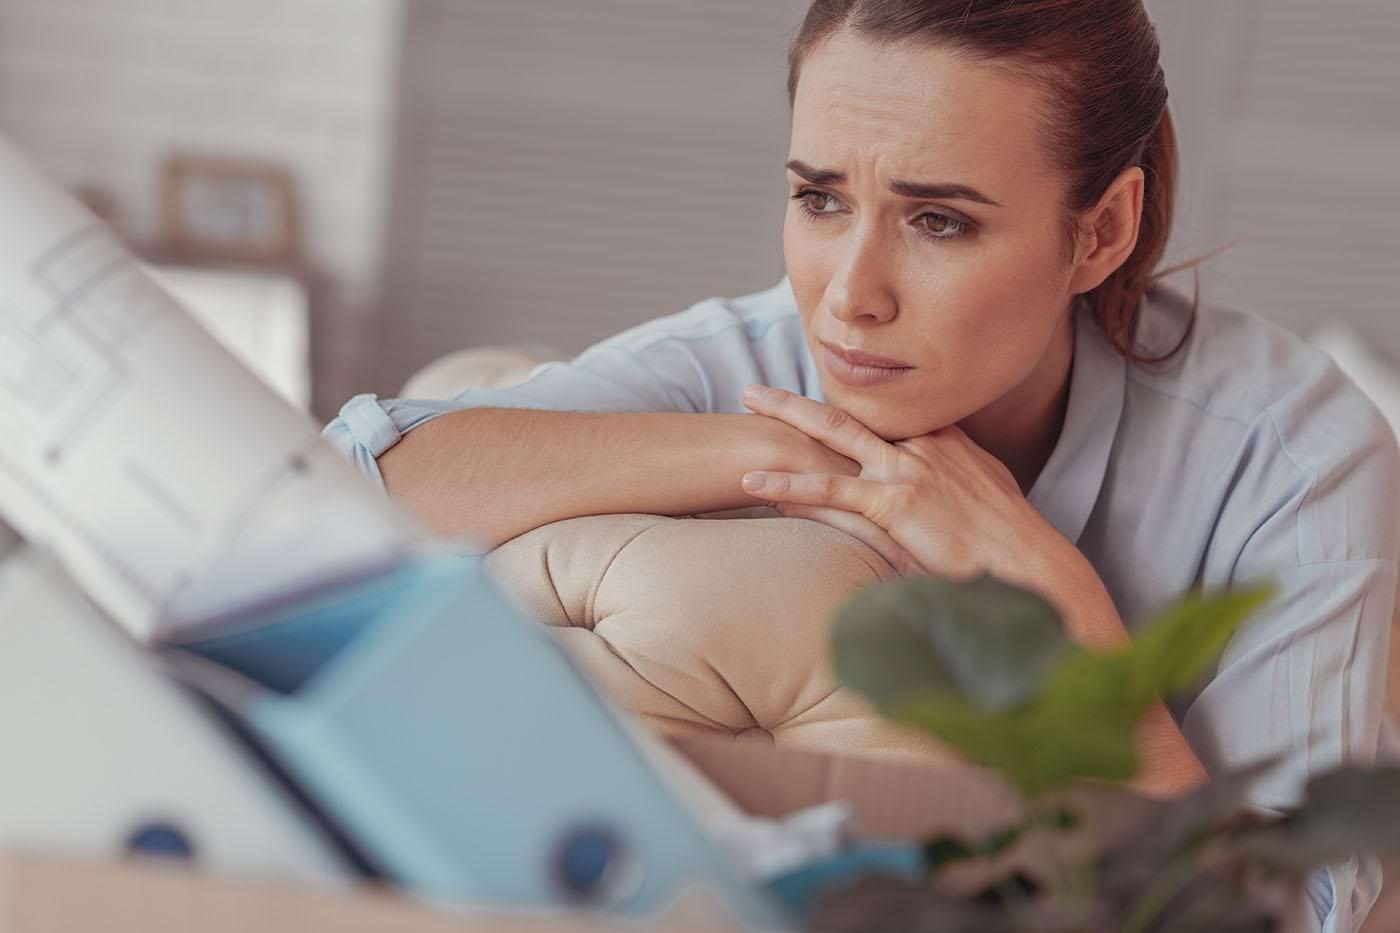 Depresia și stresul posttraumatic, cauze ale detașării emoționale